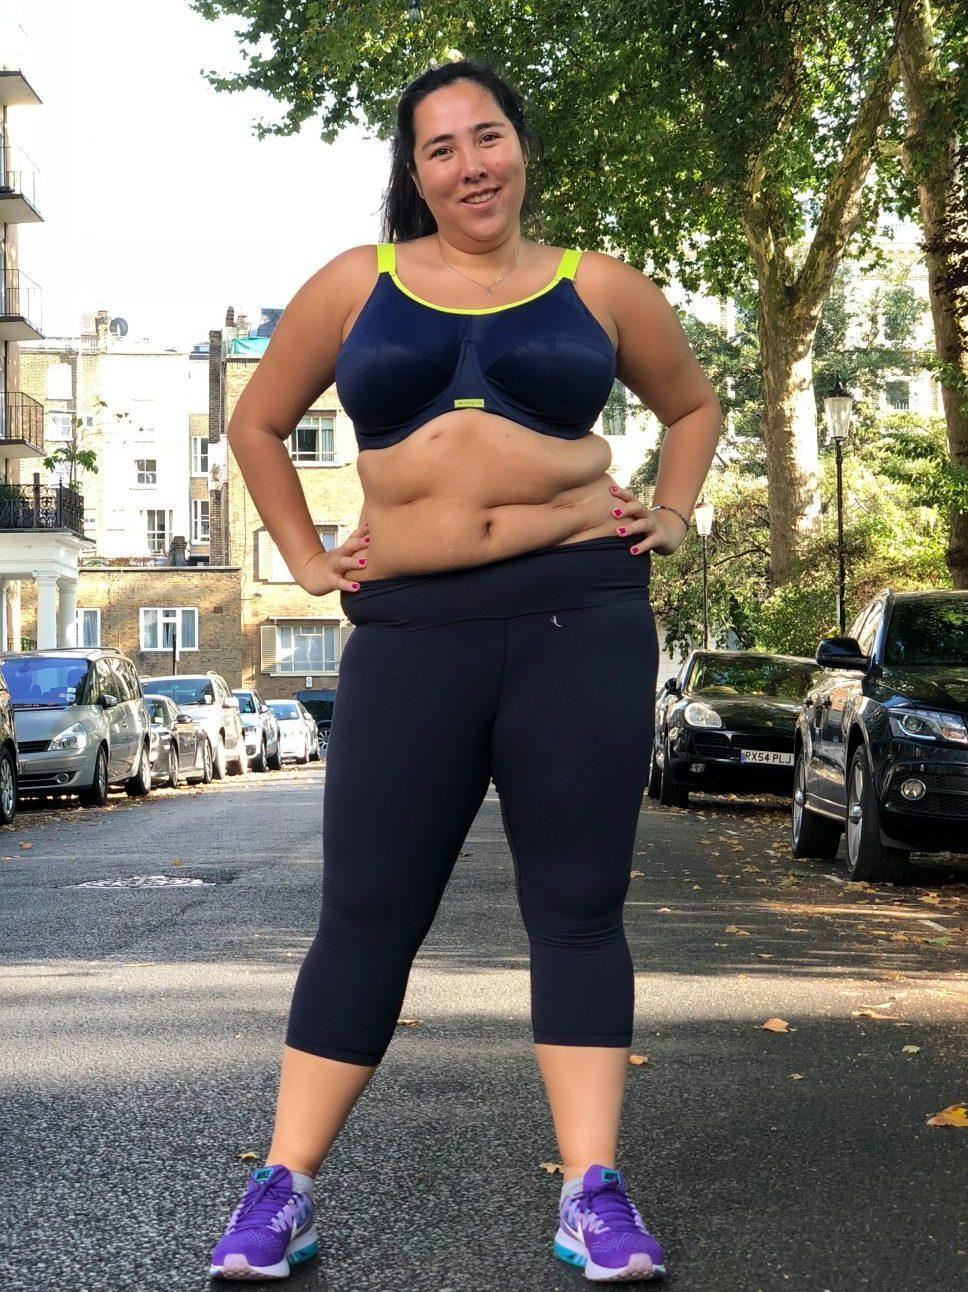 Michelle Elman poses in sports gear